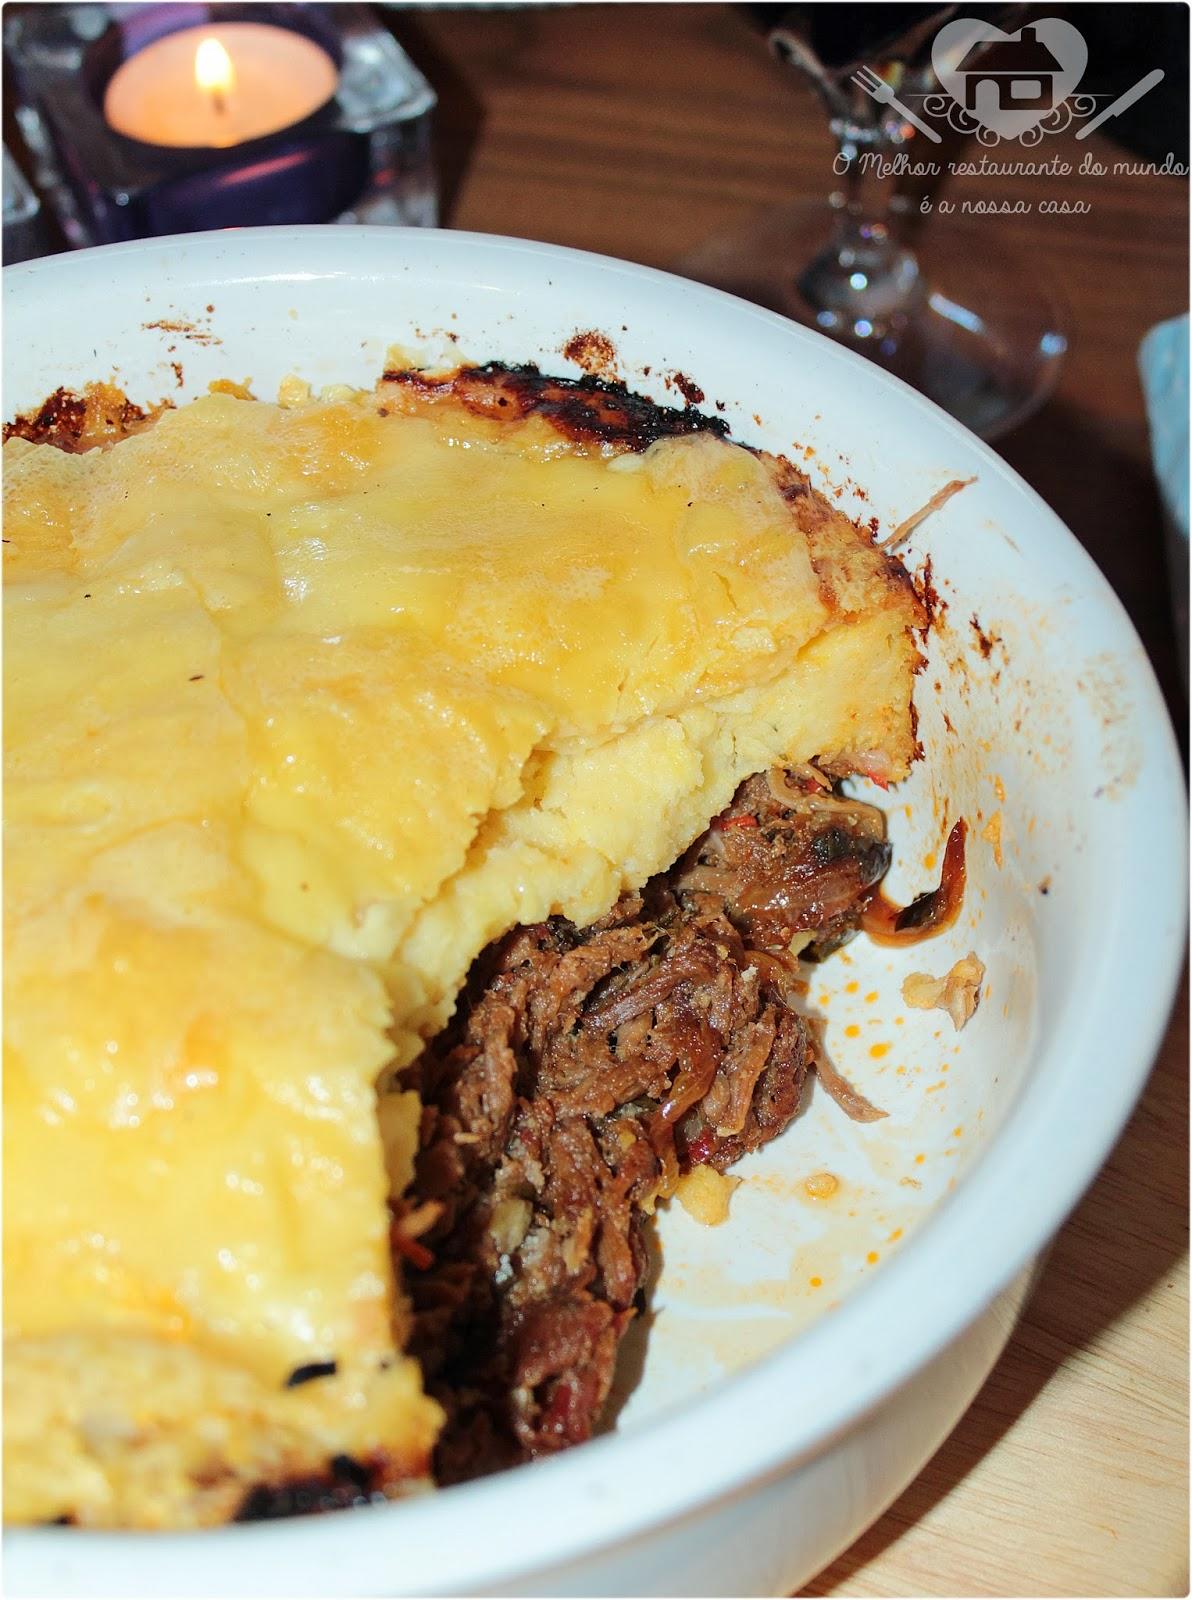 Receita prática de escondinho com ploenta cremosa com cream cheese e carne de panela desfiada com cebolas